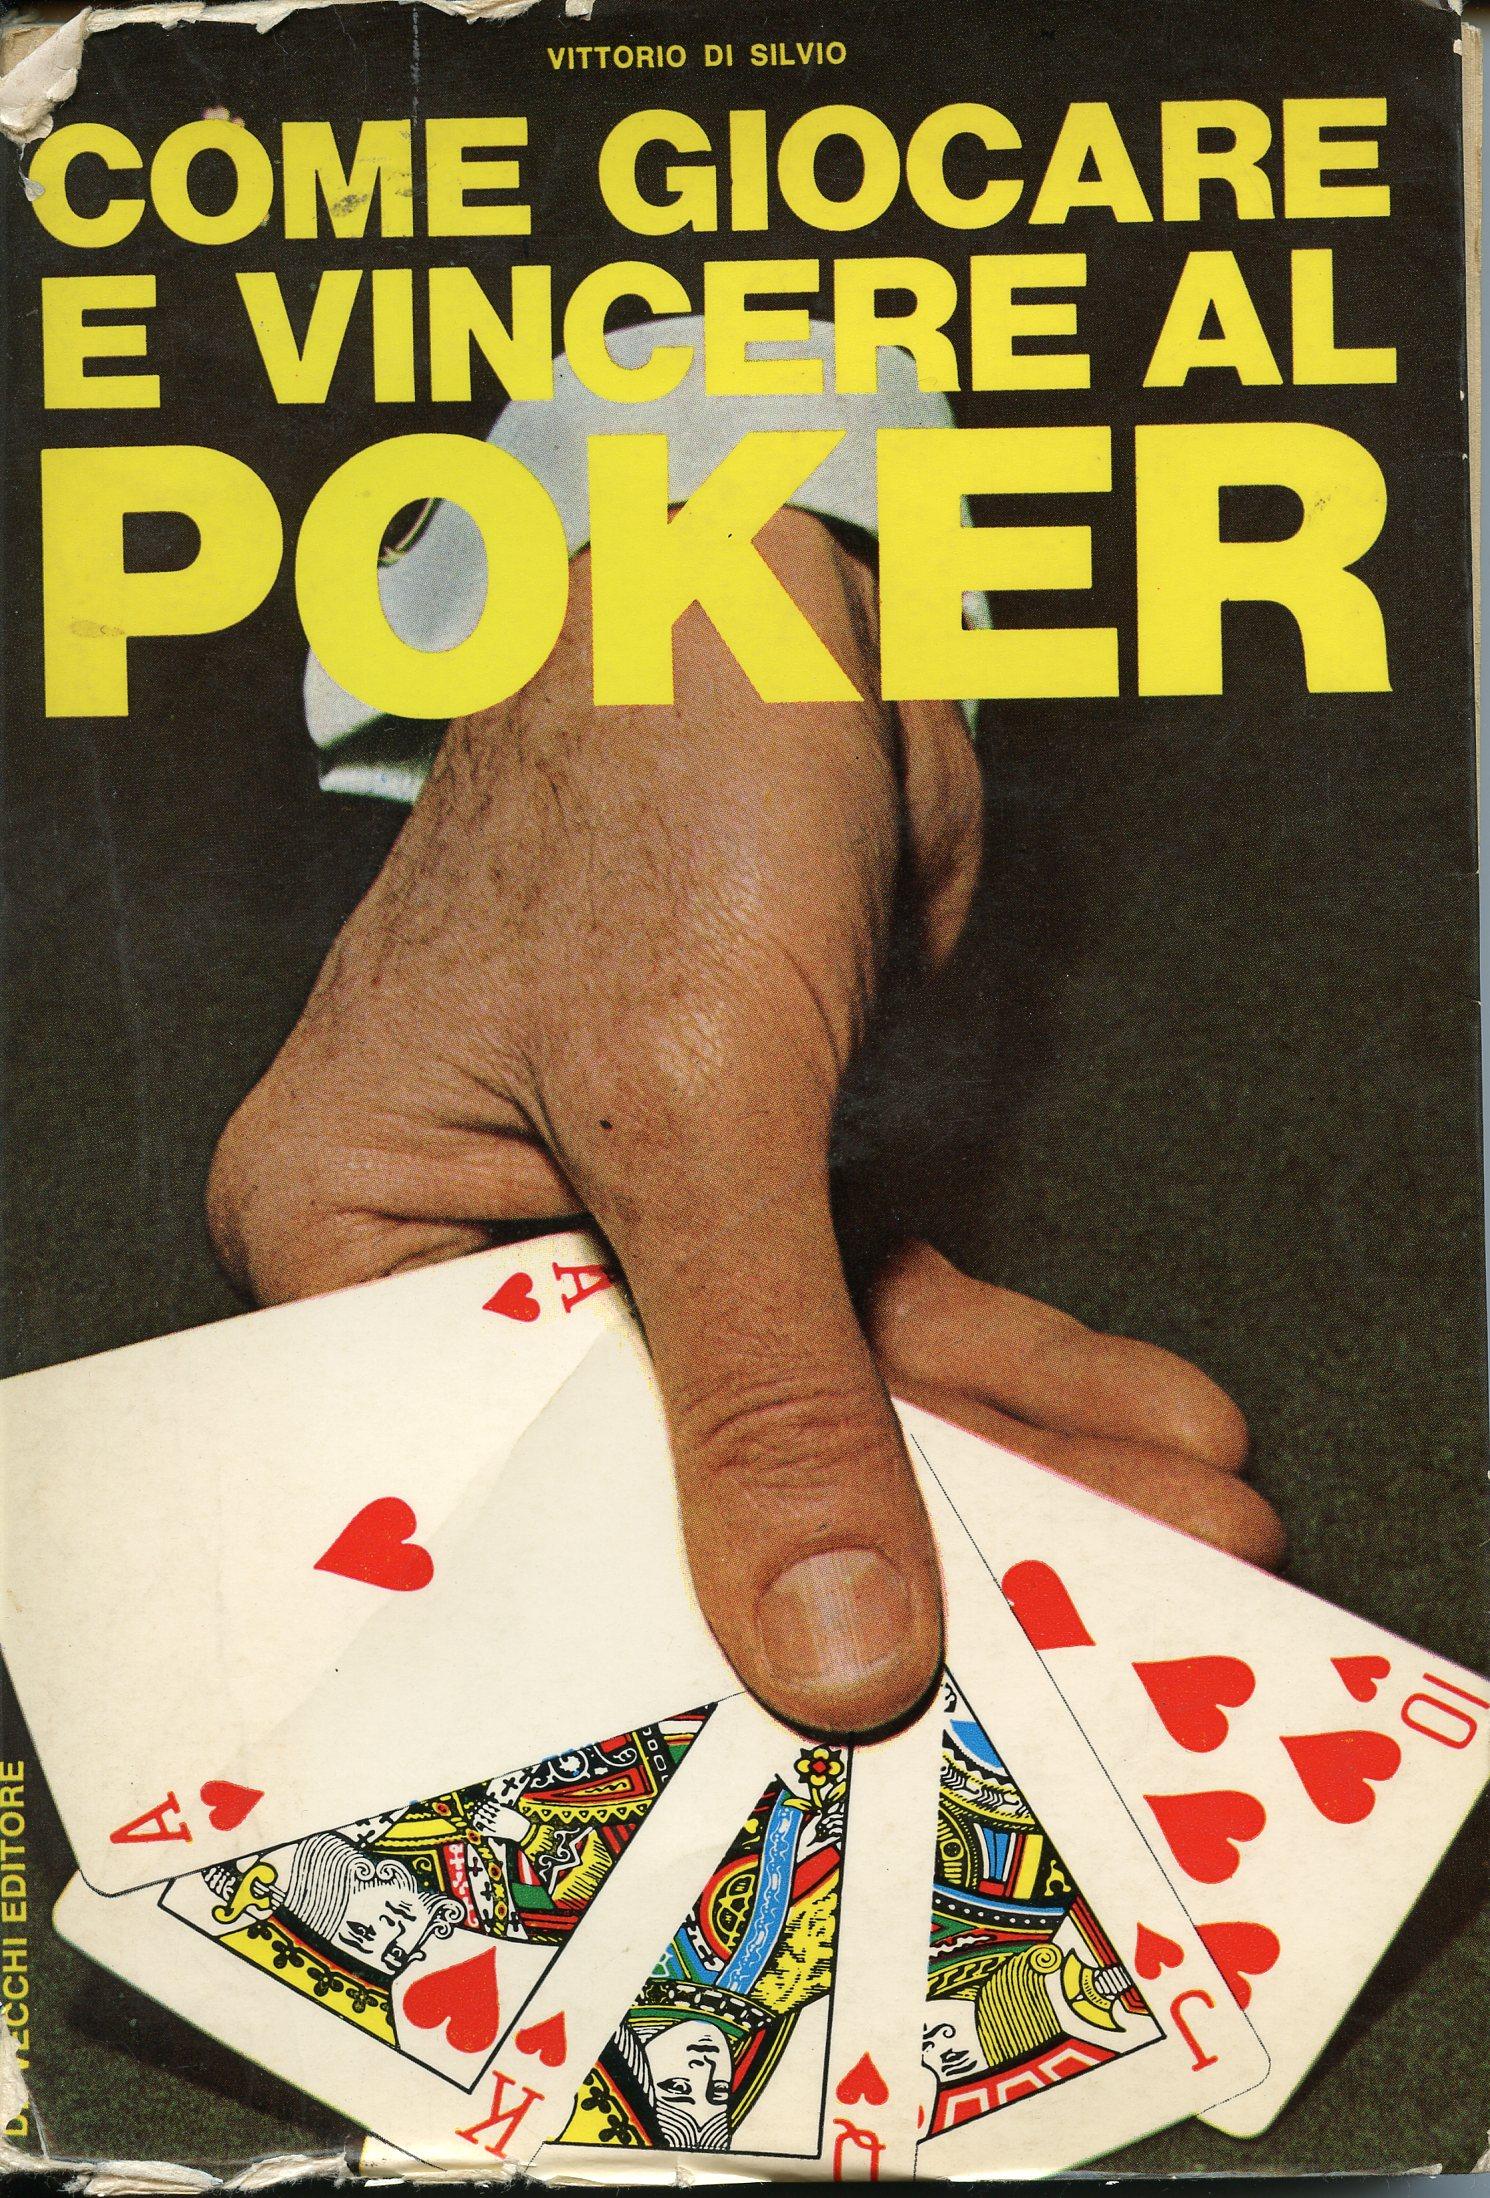 Come giocare e vincere a poker